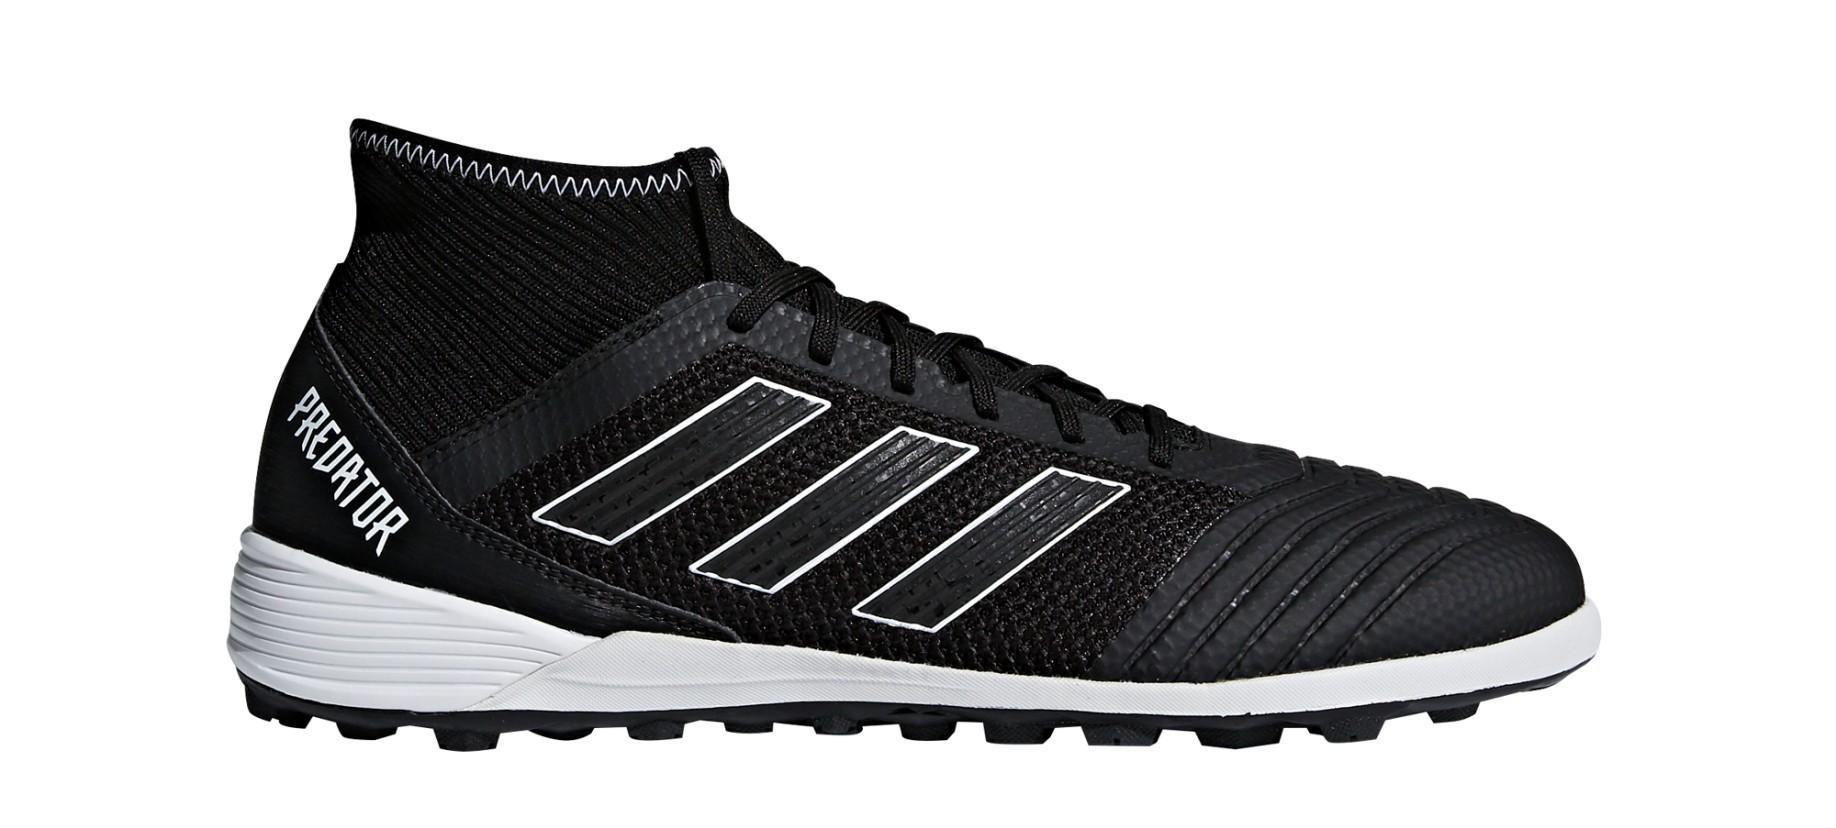 9255098c6248 Shoes Soccer Adidas Predator Tango 18.3 TF Shadow Mode Pack colore Black -  Adidas - SportIT.com